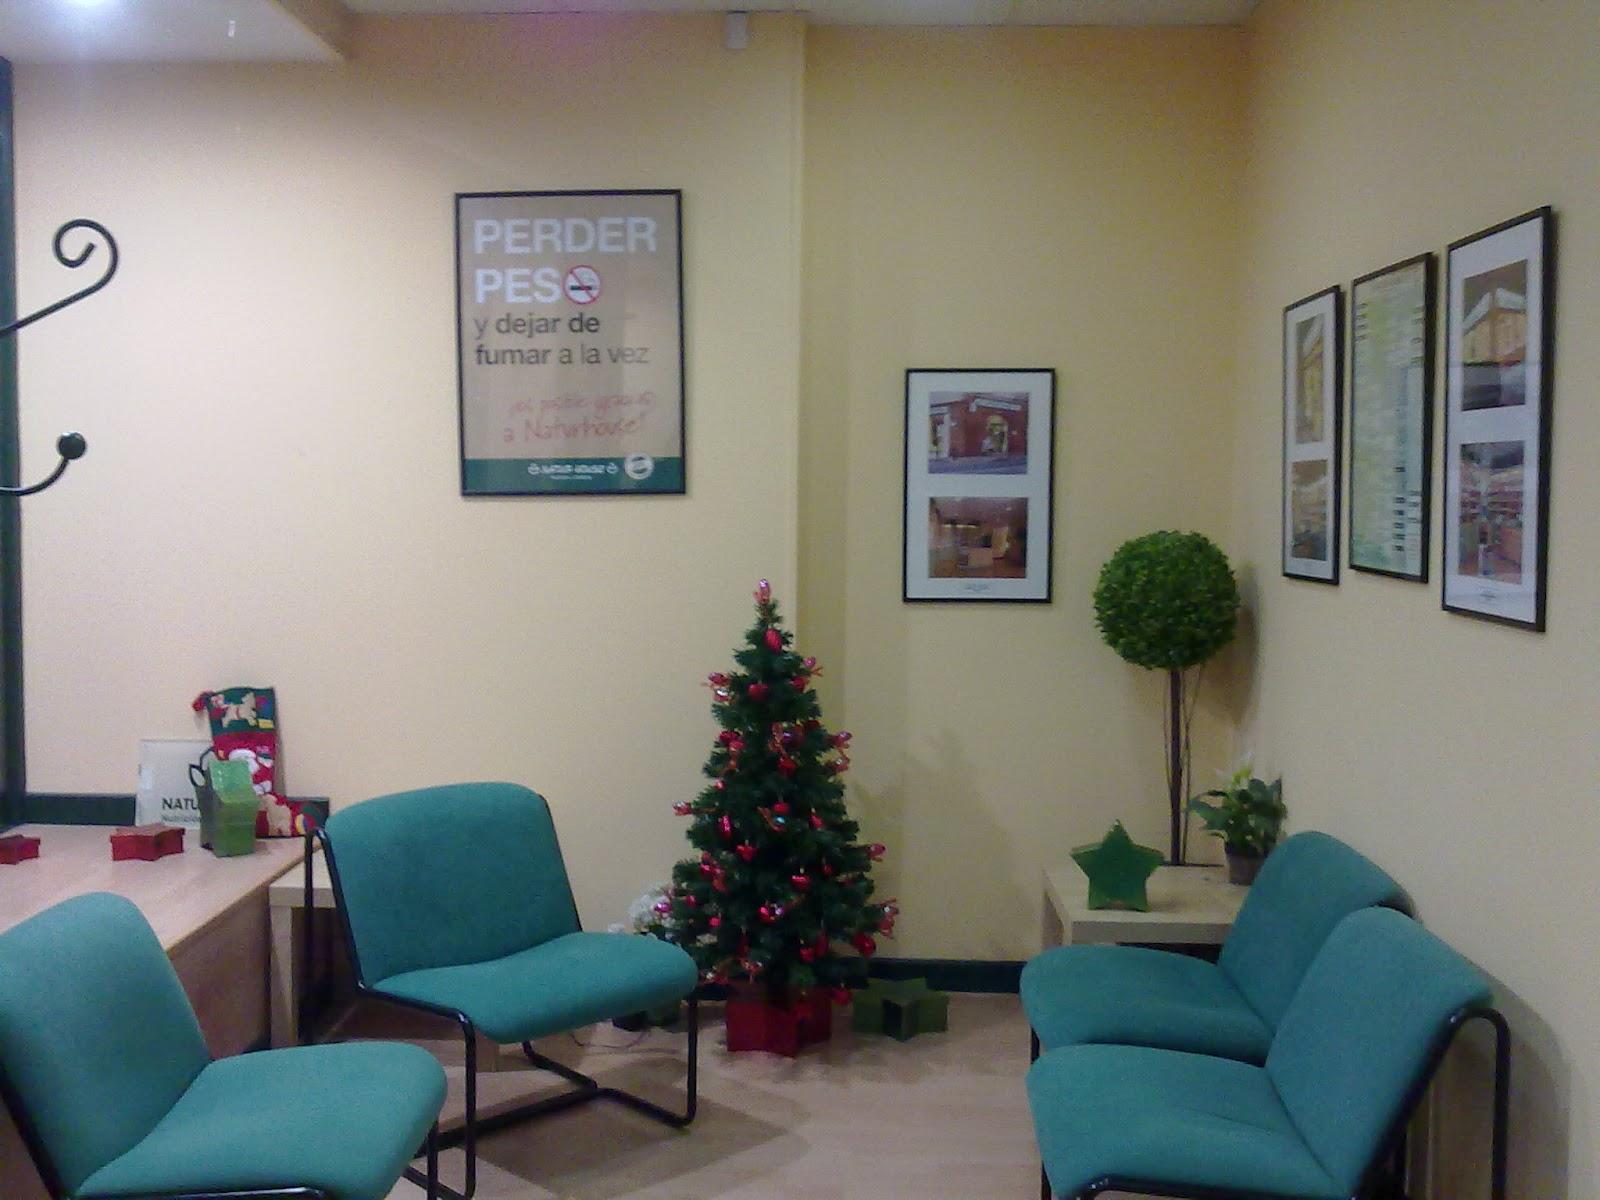 Dise o de interiores y decoraci n para mejorar tu estado for Diseno de interiores locales comerciales